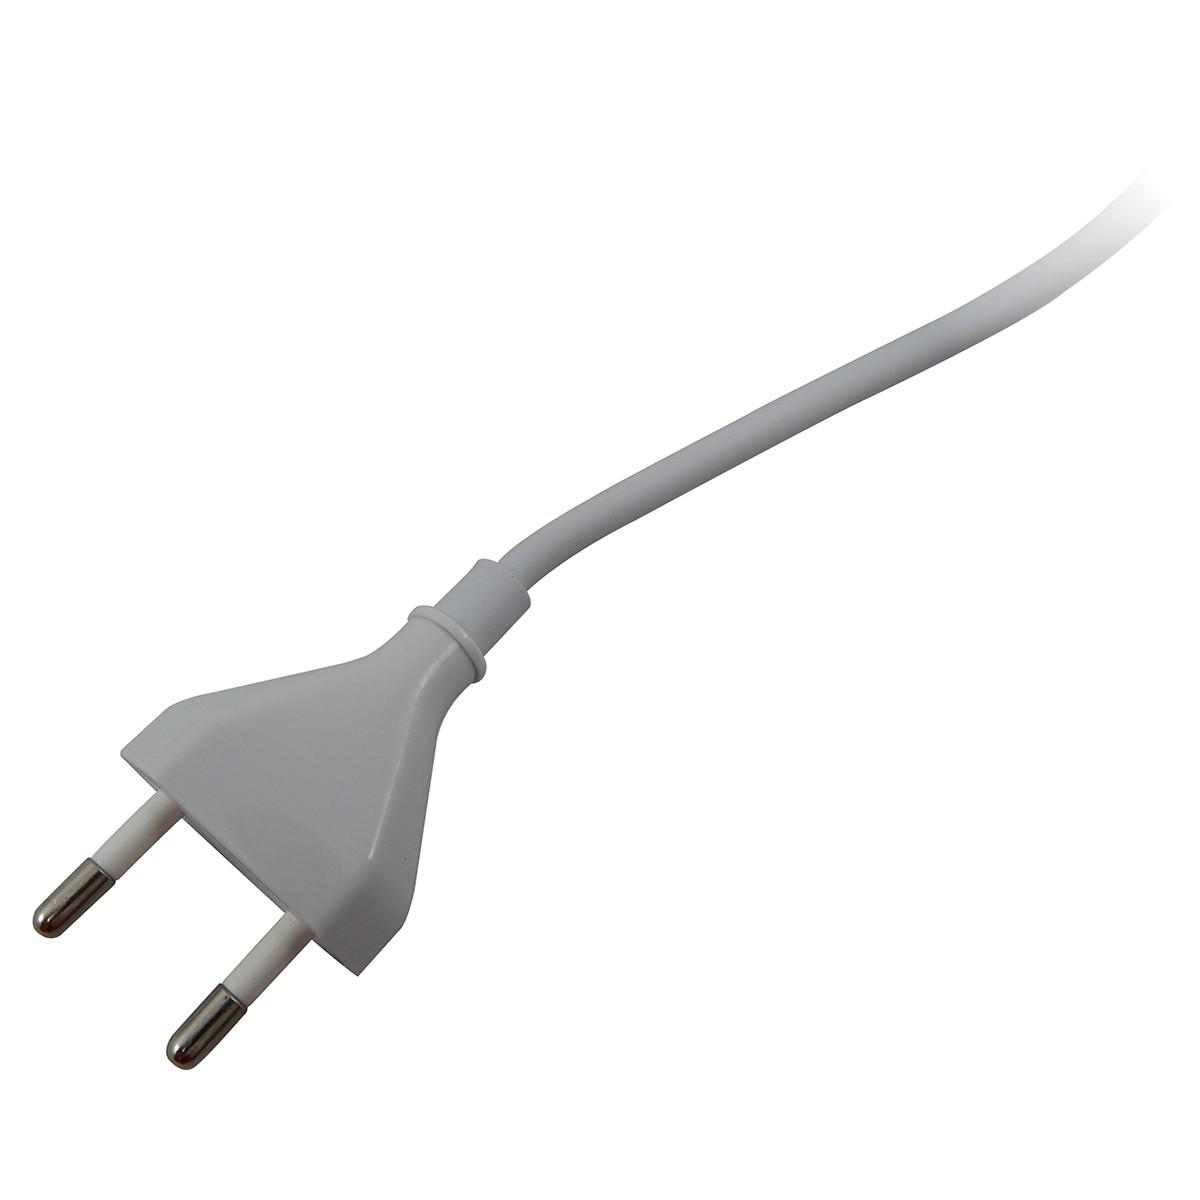 Carregador Hub USB 4 Portas c/ Cabo 1,5M Tomada 15w 5v 3a Ref: UA0021